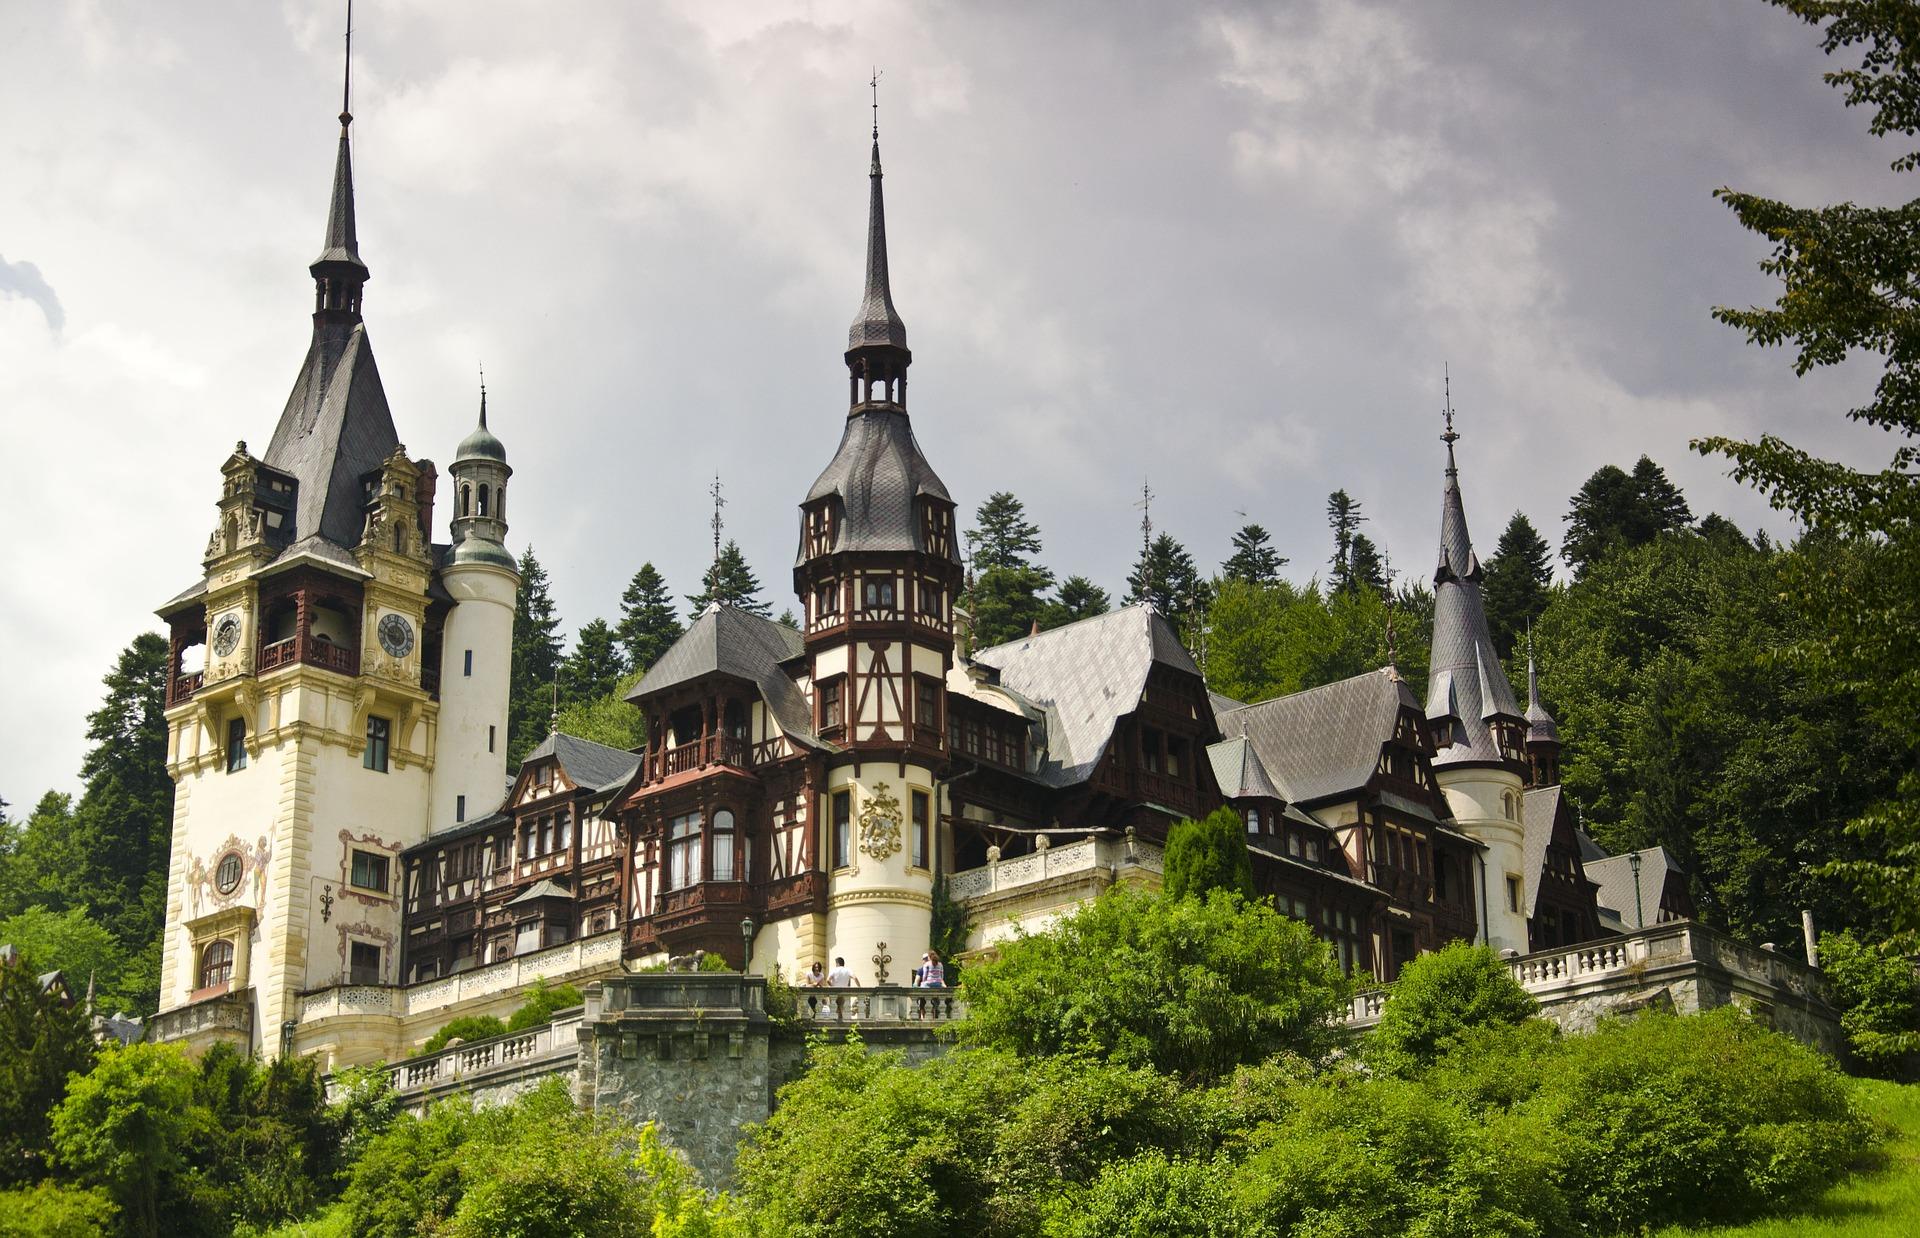 Peles Castle die alten historischen Gebäude stammen aus dem frühen Mittelalter